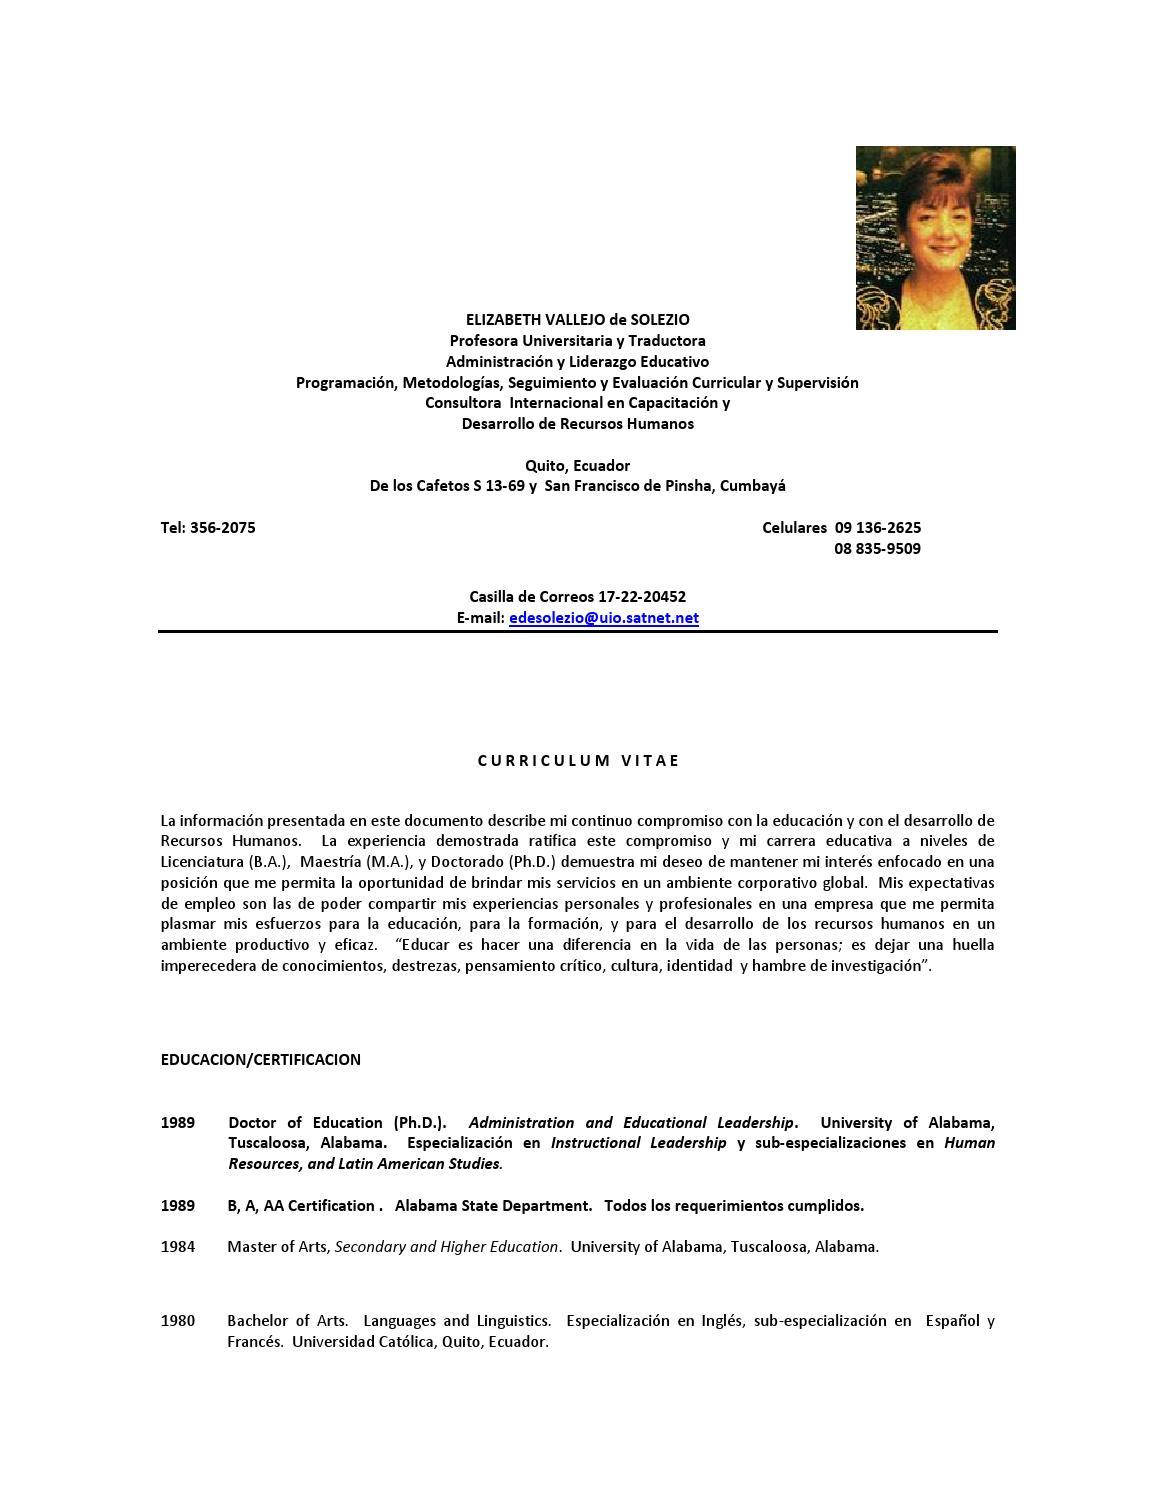 Hoja de vida Elizabeth de Solezio by Consejo Eduacación Superior - issuu